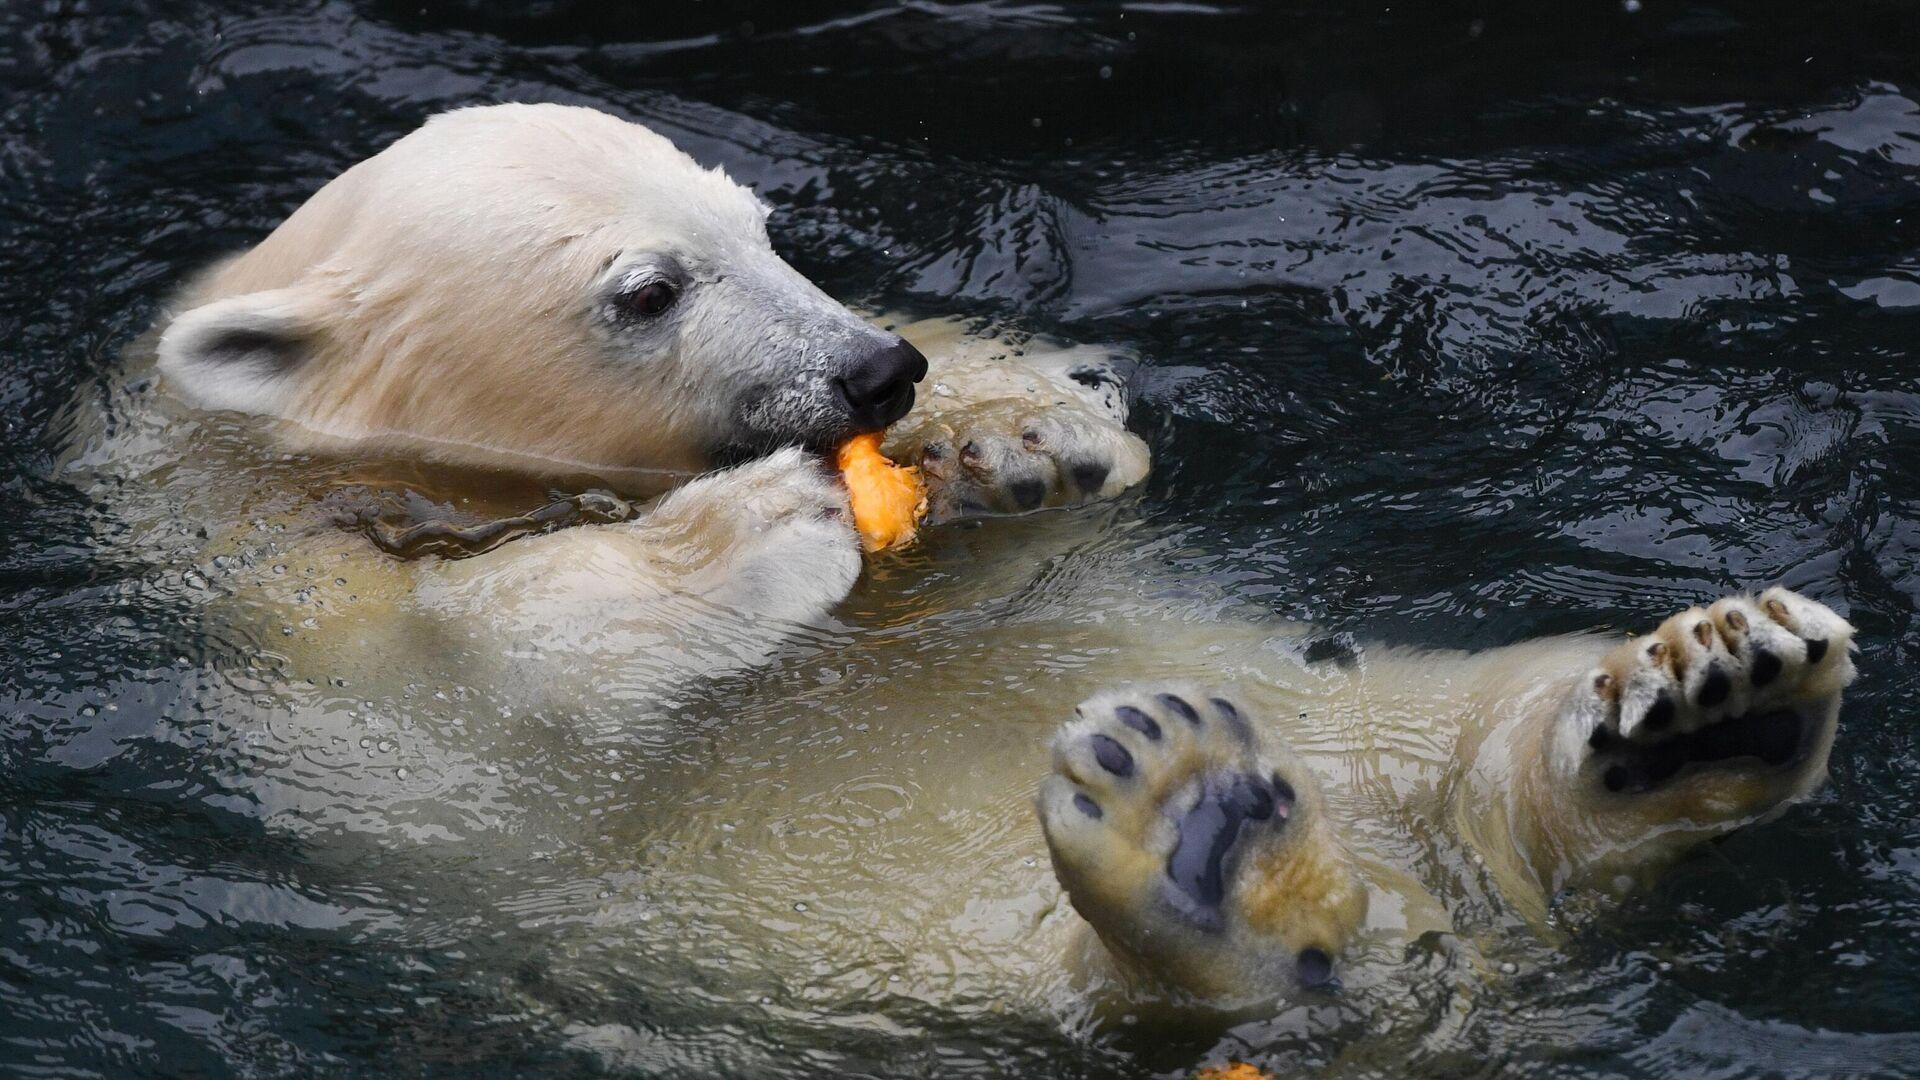 В Екатеринбурге проверят зоопарк после гибели белого медведя